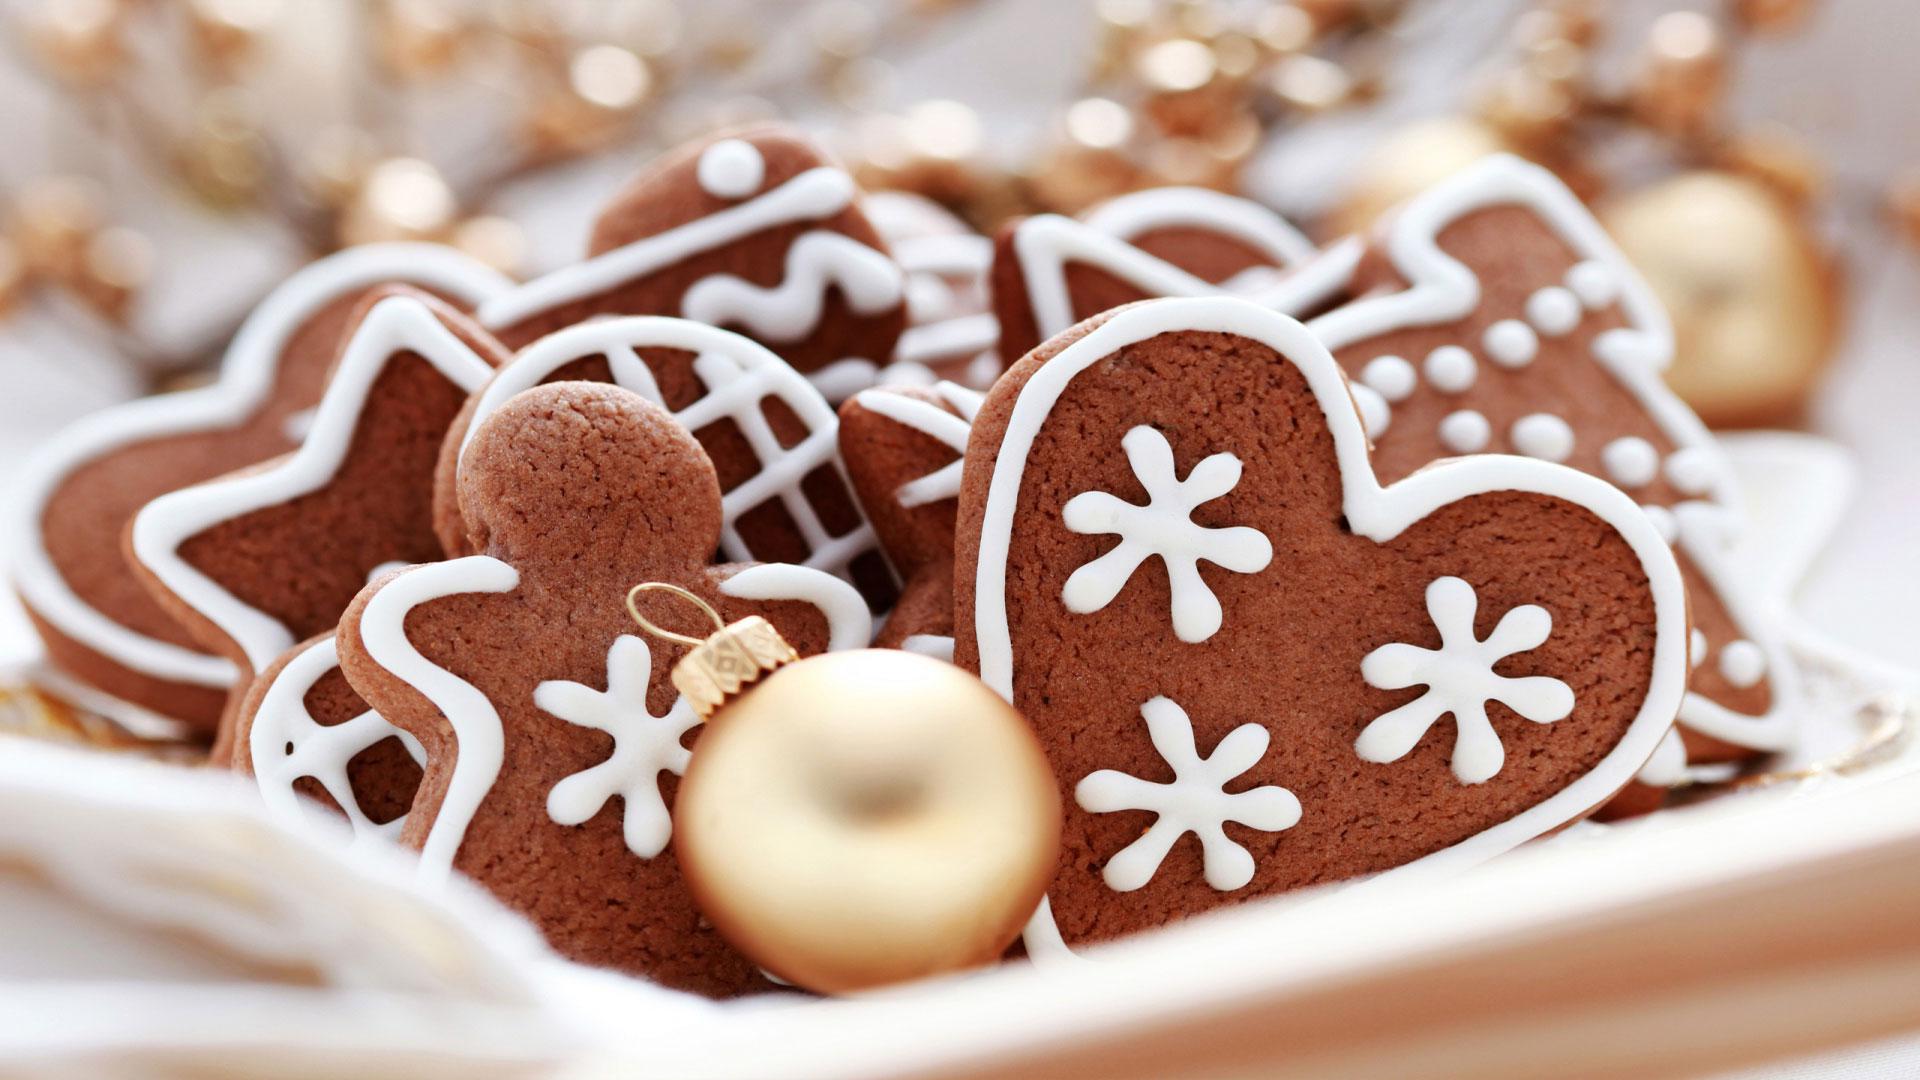 Имбирное печенье вегетарианское — в ожидании волшебства и чудес!